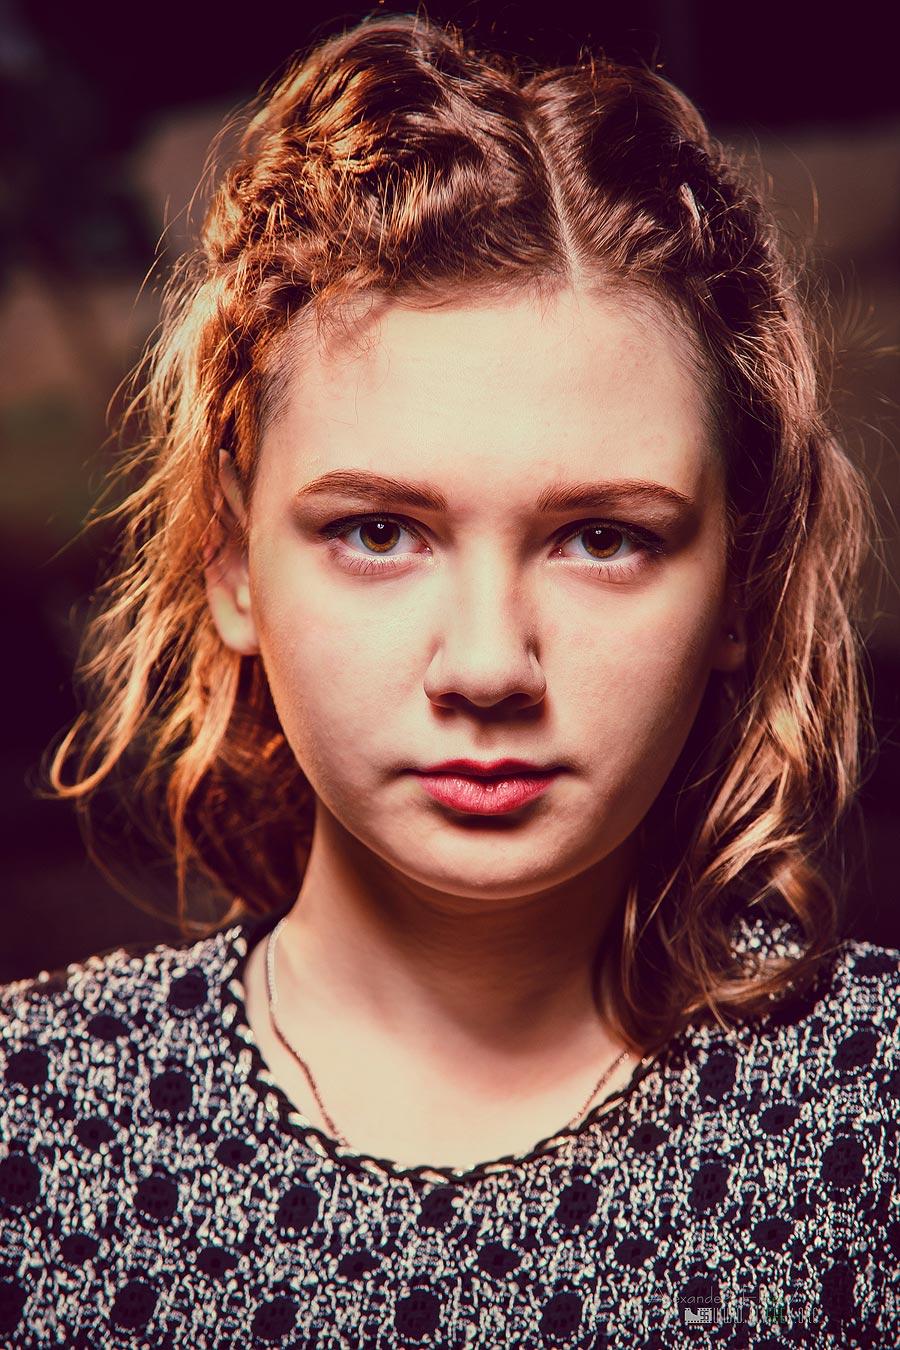 портрет девушки с растрепанной прической в студии